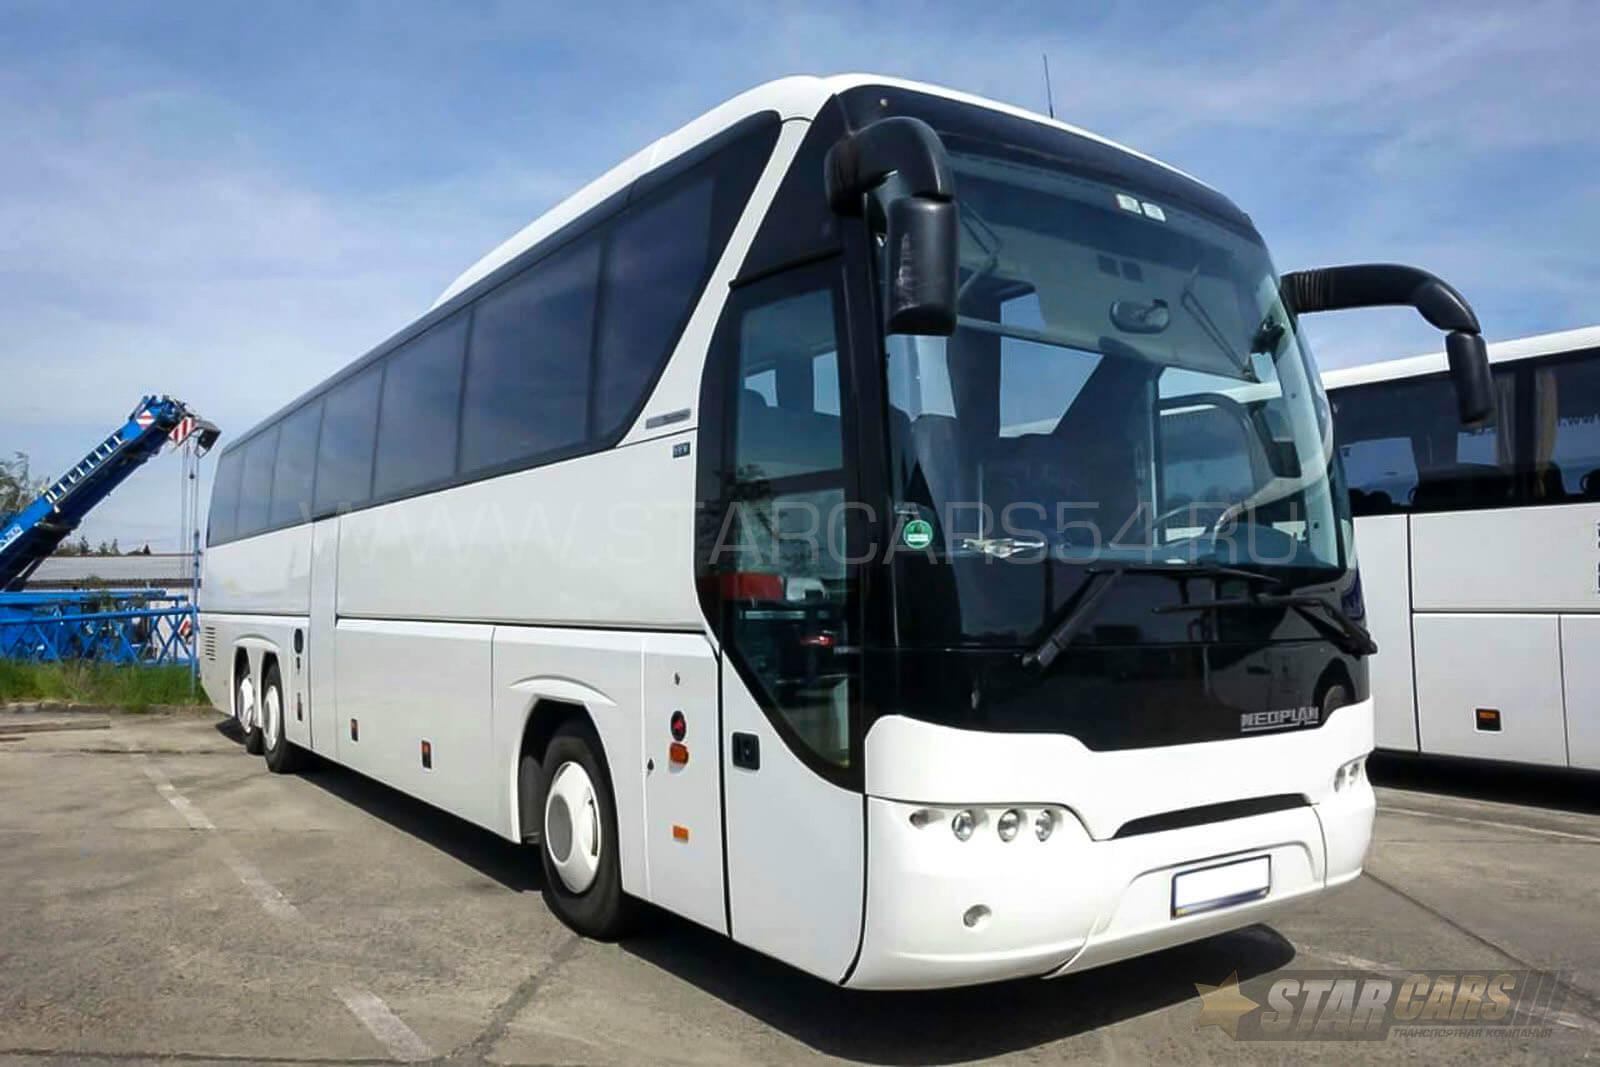 Аренда автобуса Neoplan Tourliner (50 мест) в Новосибирске: ? заказ автобусов с водителем — StarCars54.ru